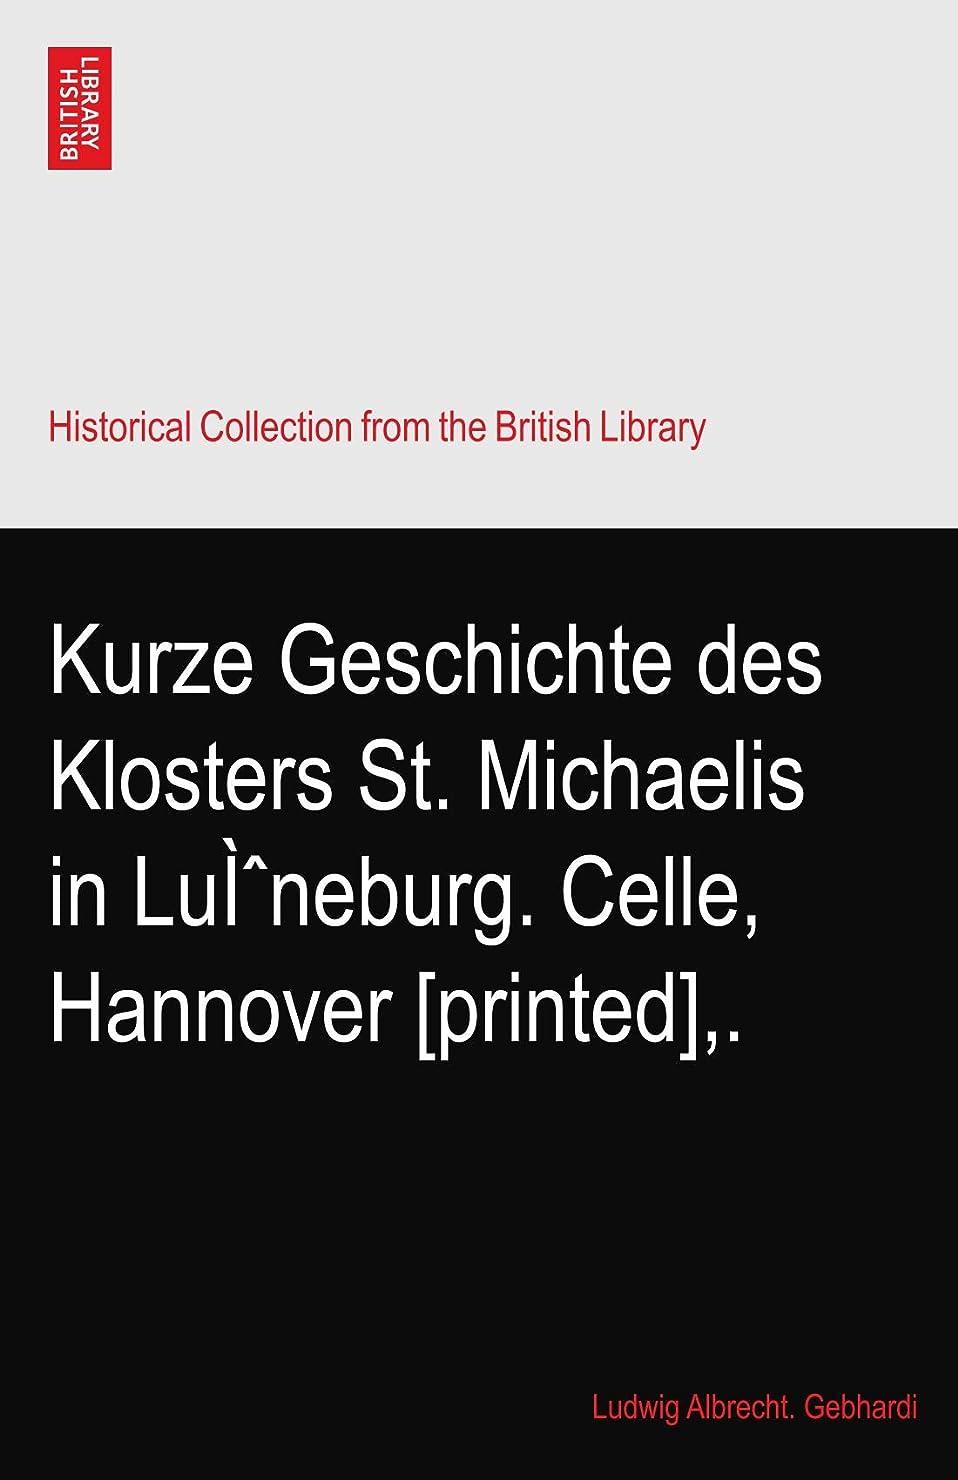 オーラル高原テクトニックKurze Geschichte des Klosters St. Michaelis in Luì?neburg. Celle, Hannover [printed],.